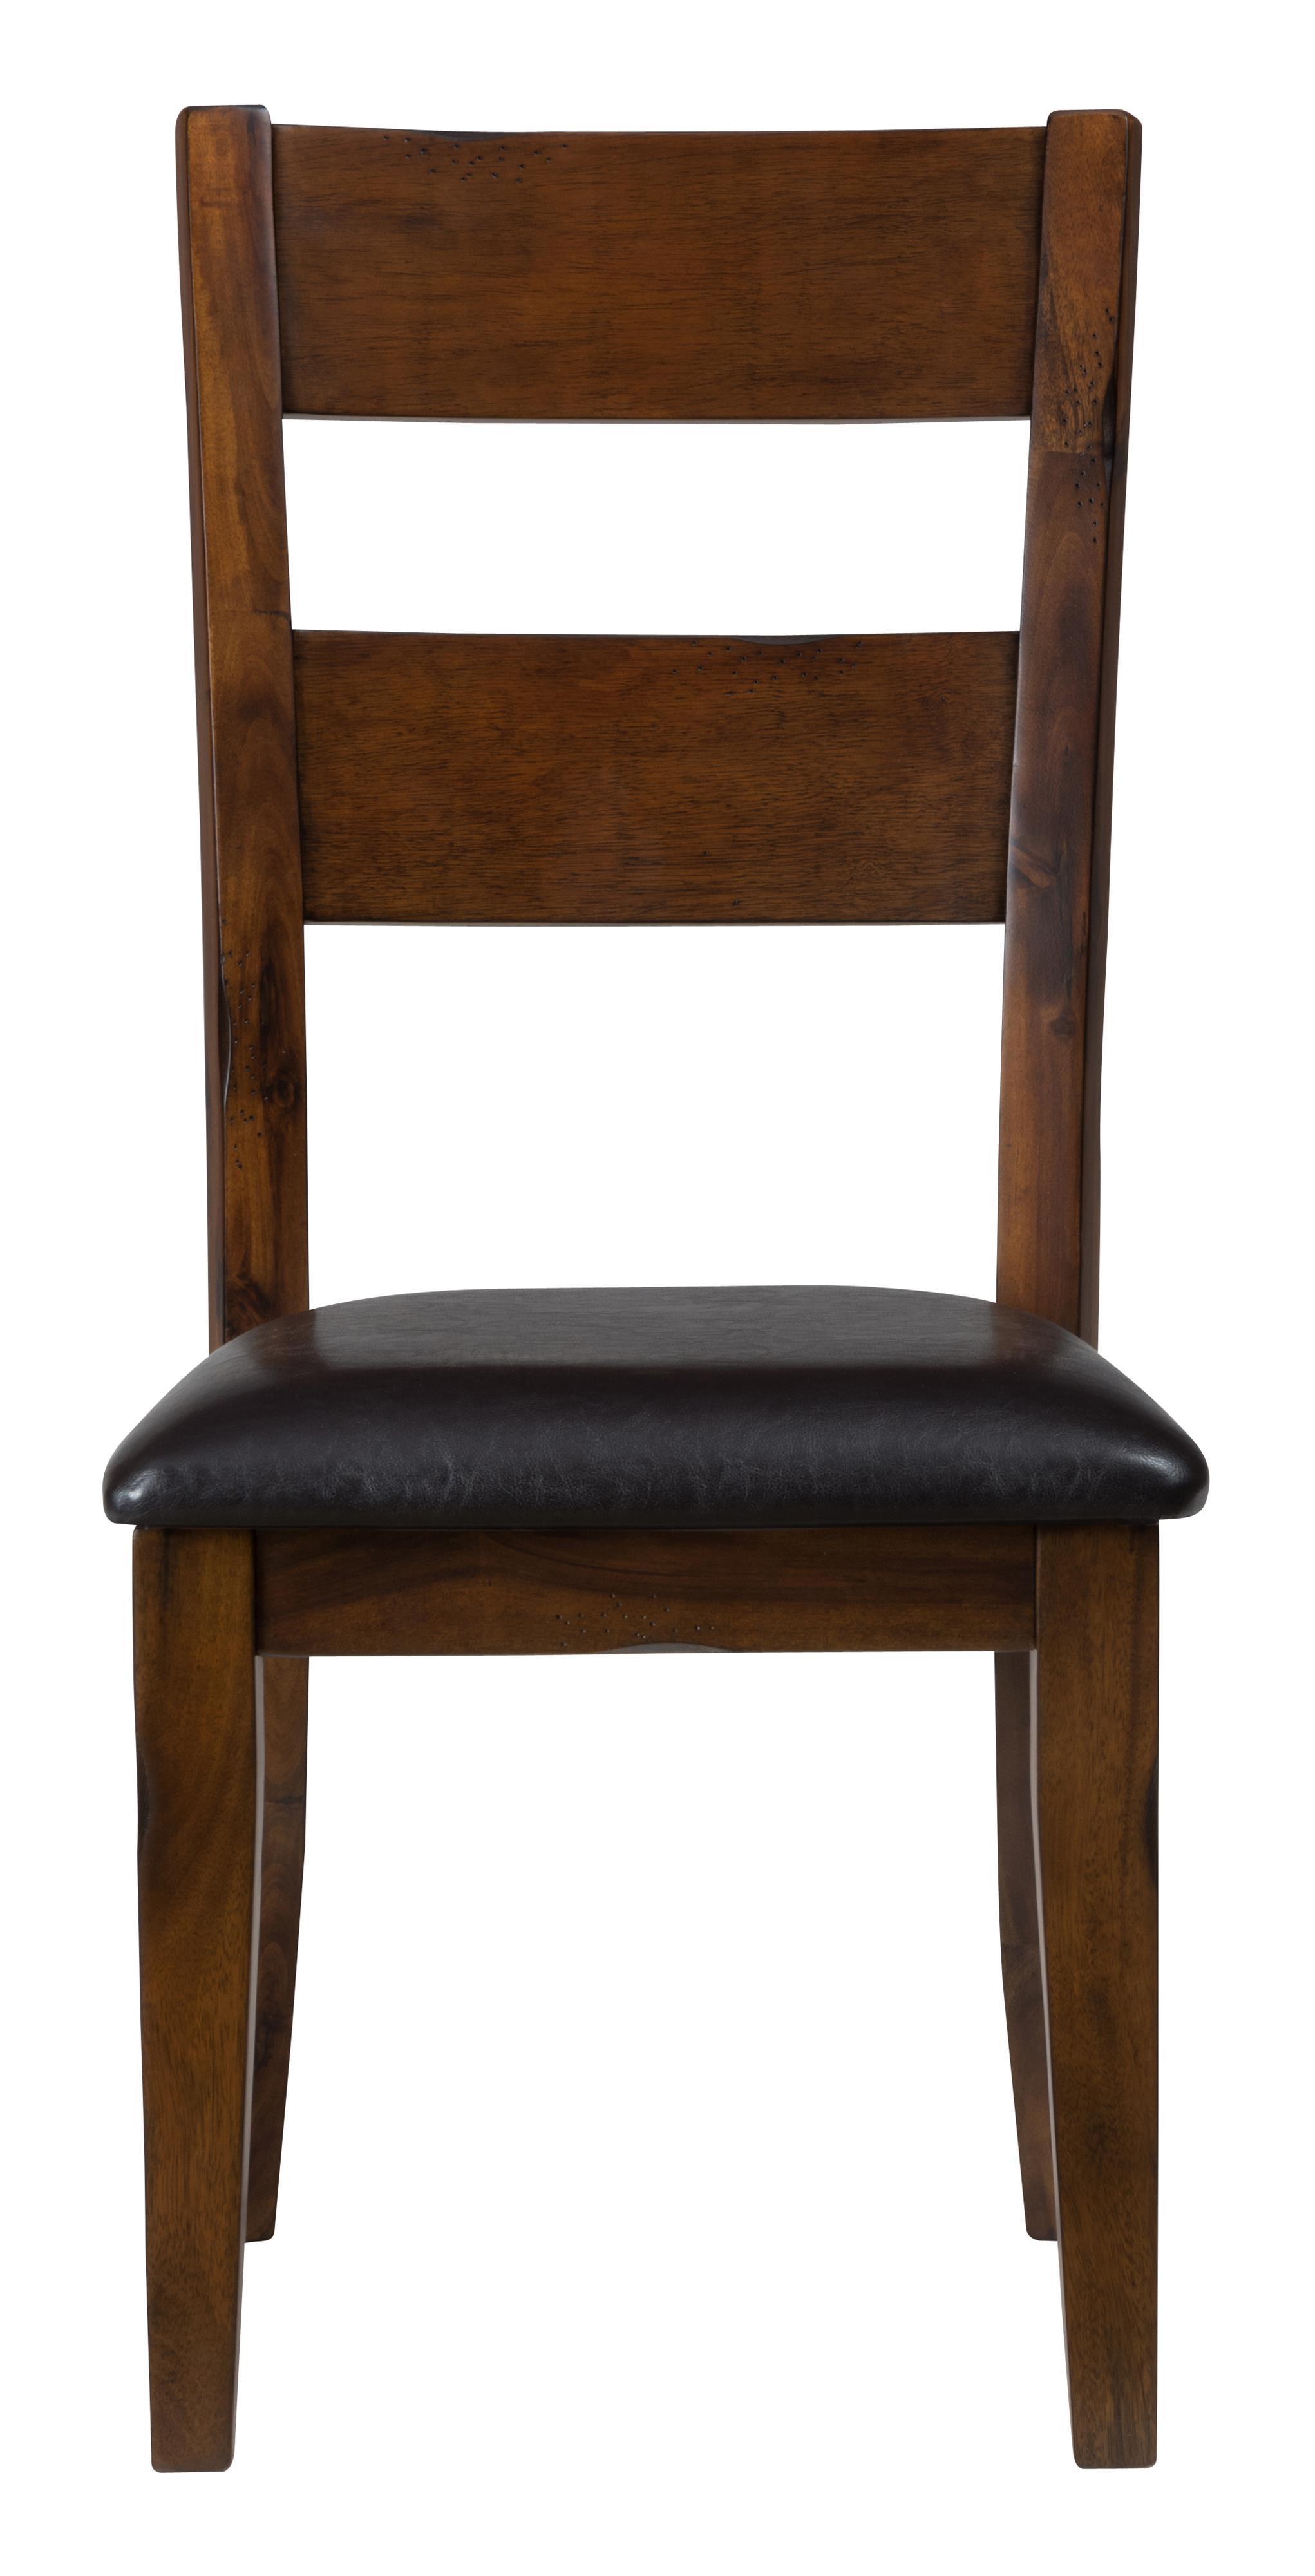 Jofran Plantation Ladderback Upholstered Side Chair  - Item Number: 505-219KD